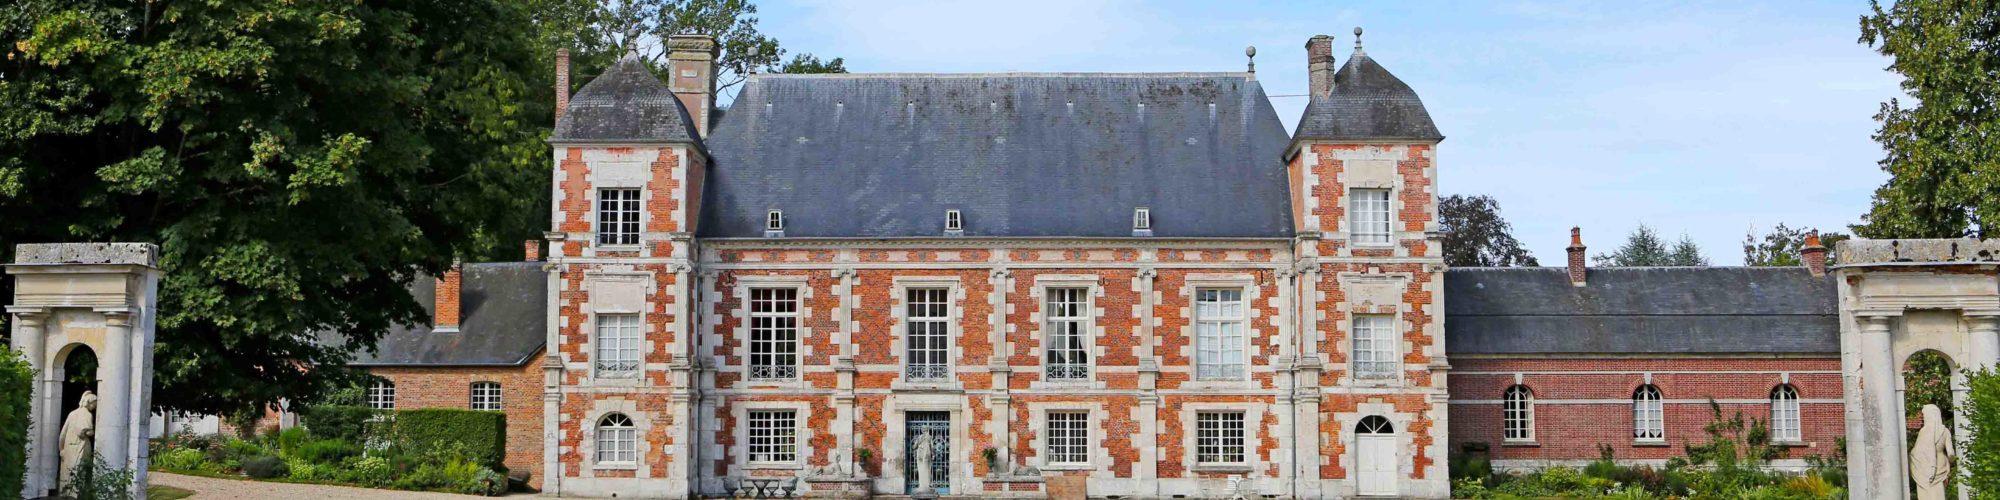 ChâteaudeBonnemare_façade_©GérardNeveu